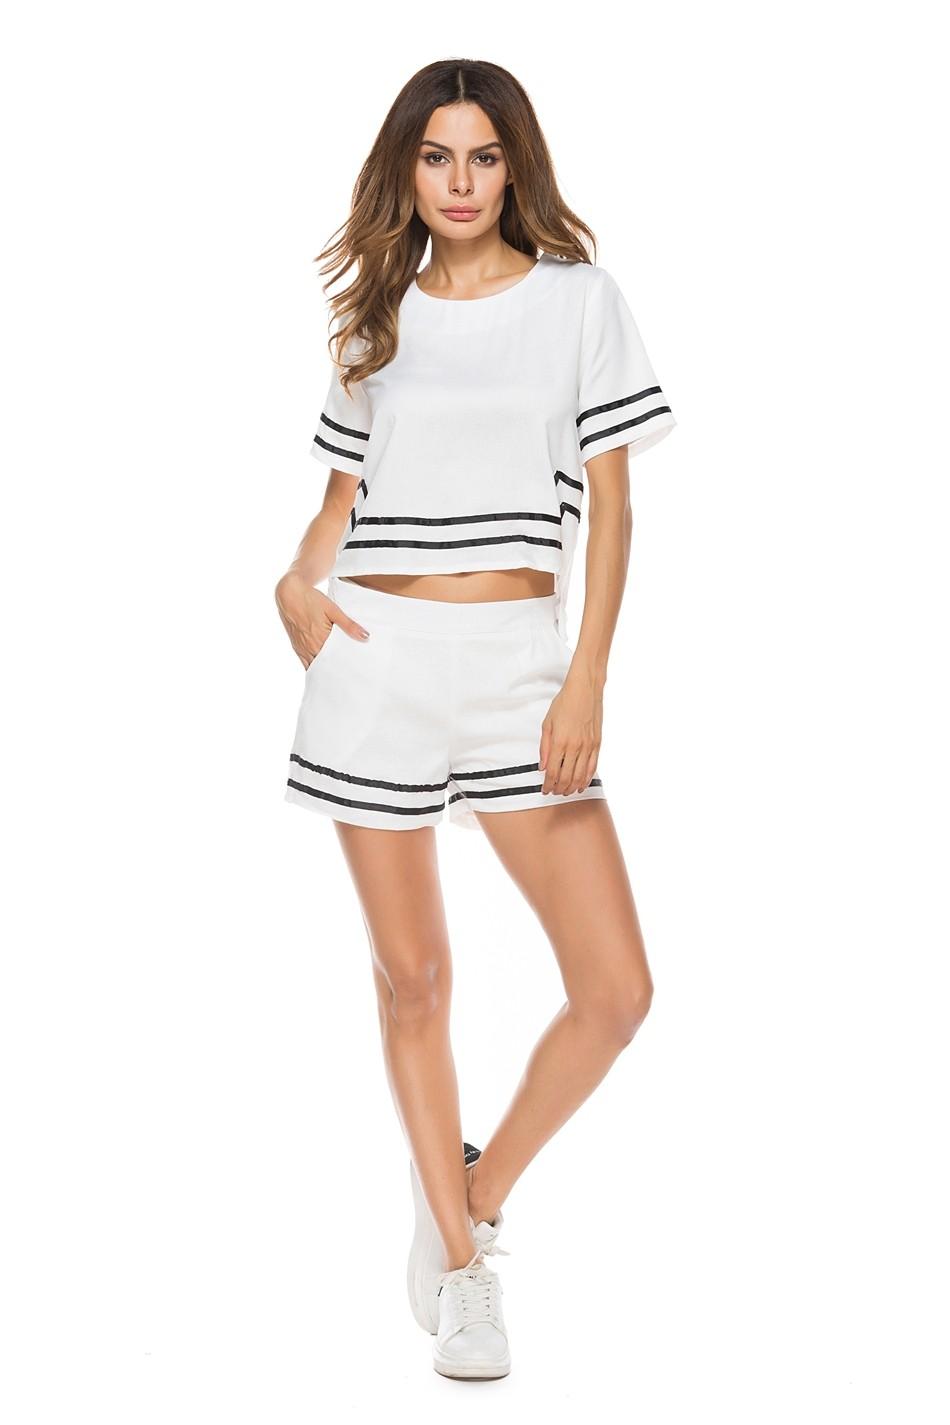 GSS8525 Top+Shorts black,white $21.08 50XXXX5535908-SD5LV504-D